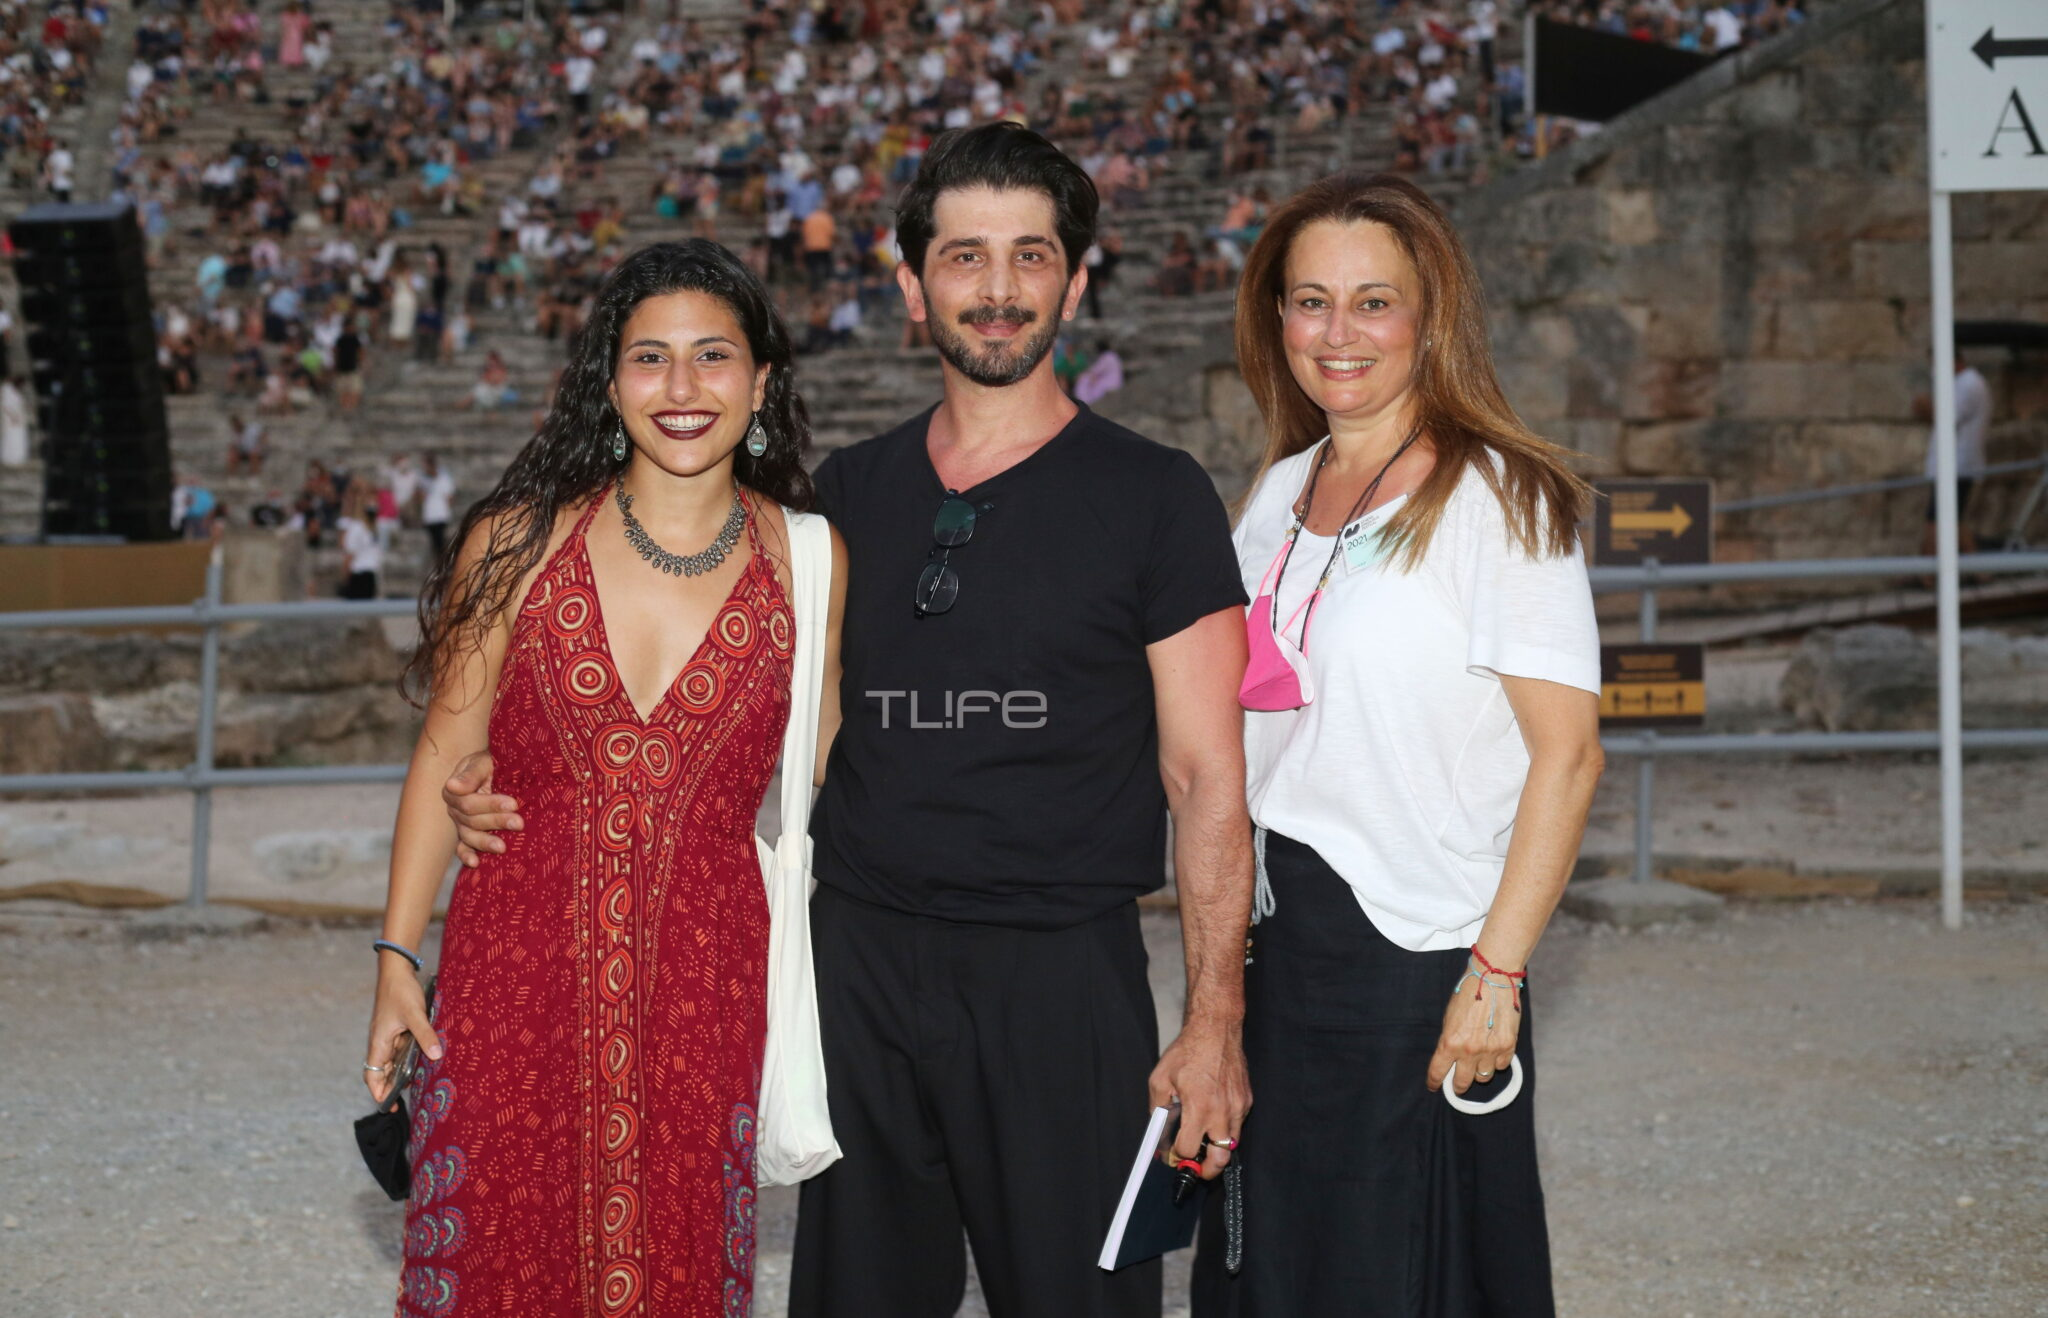 Ο Χρήστος Σπανός φωτογραφίζεται με τη σύζυγό του και την κόρη τους και λάμπει από ευτυχία! (εικόνα)